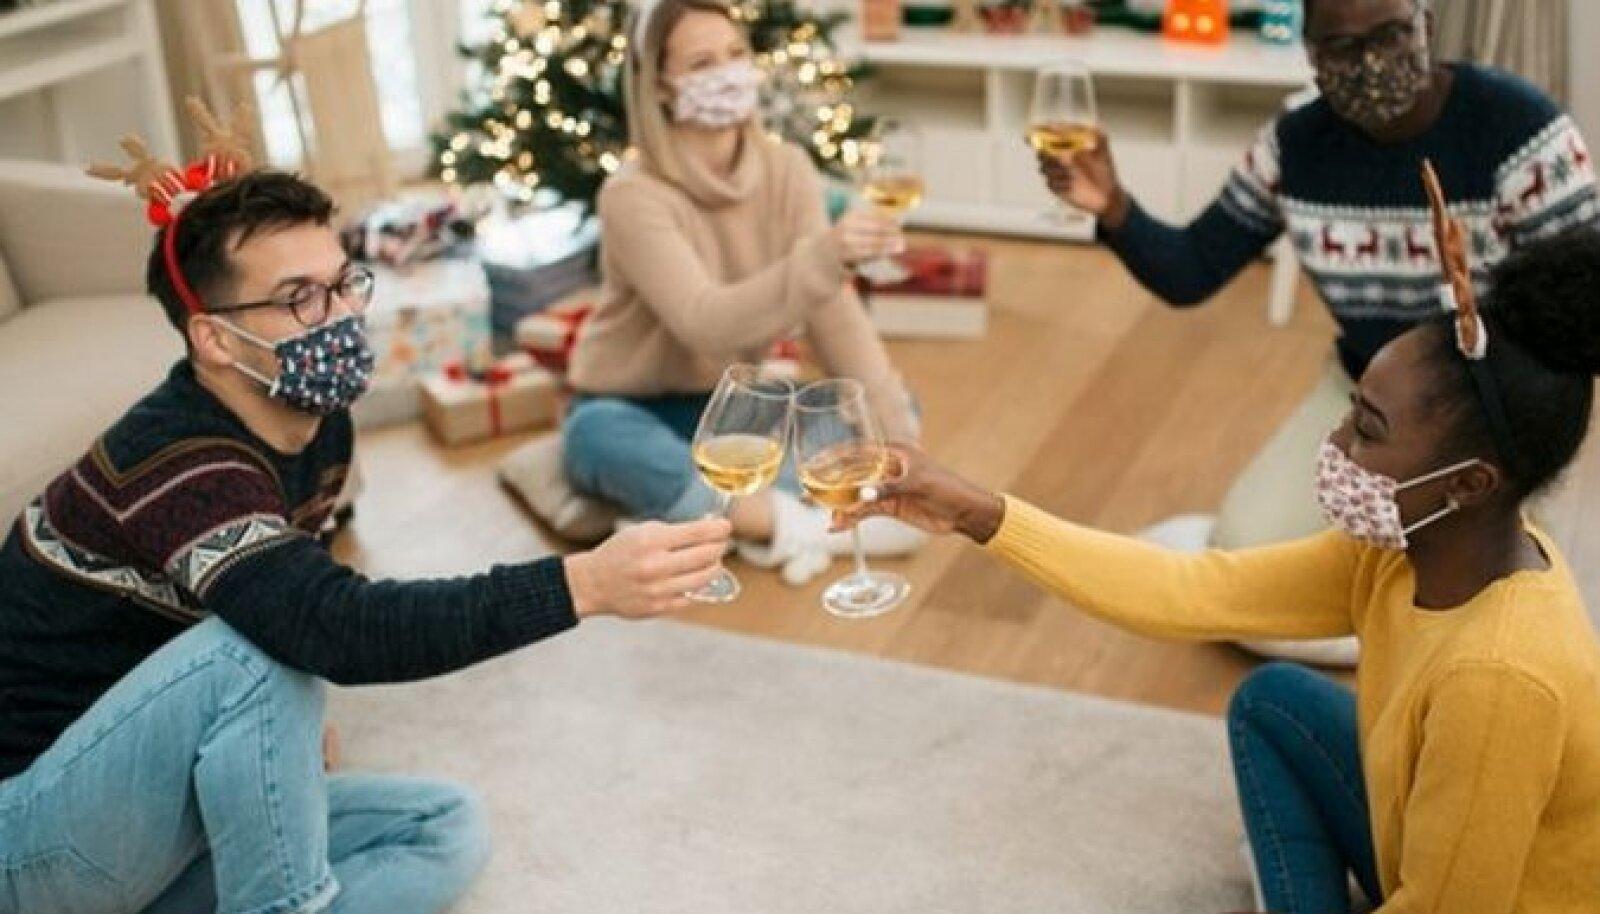 Такого Рождества и Нового года в новейшей истории человечества еще не было, и оно запомнится надолго своими ограничениями